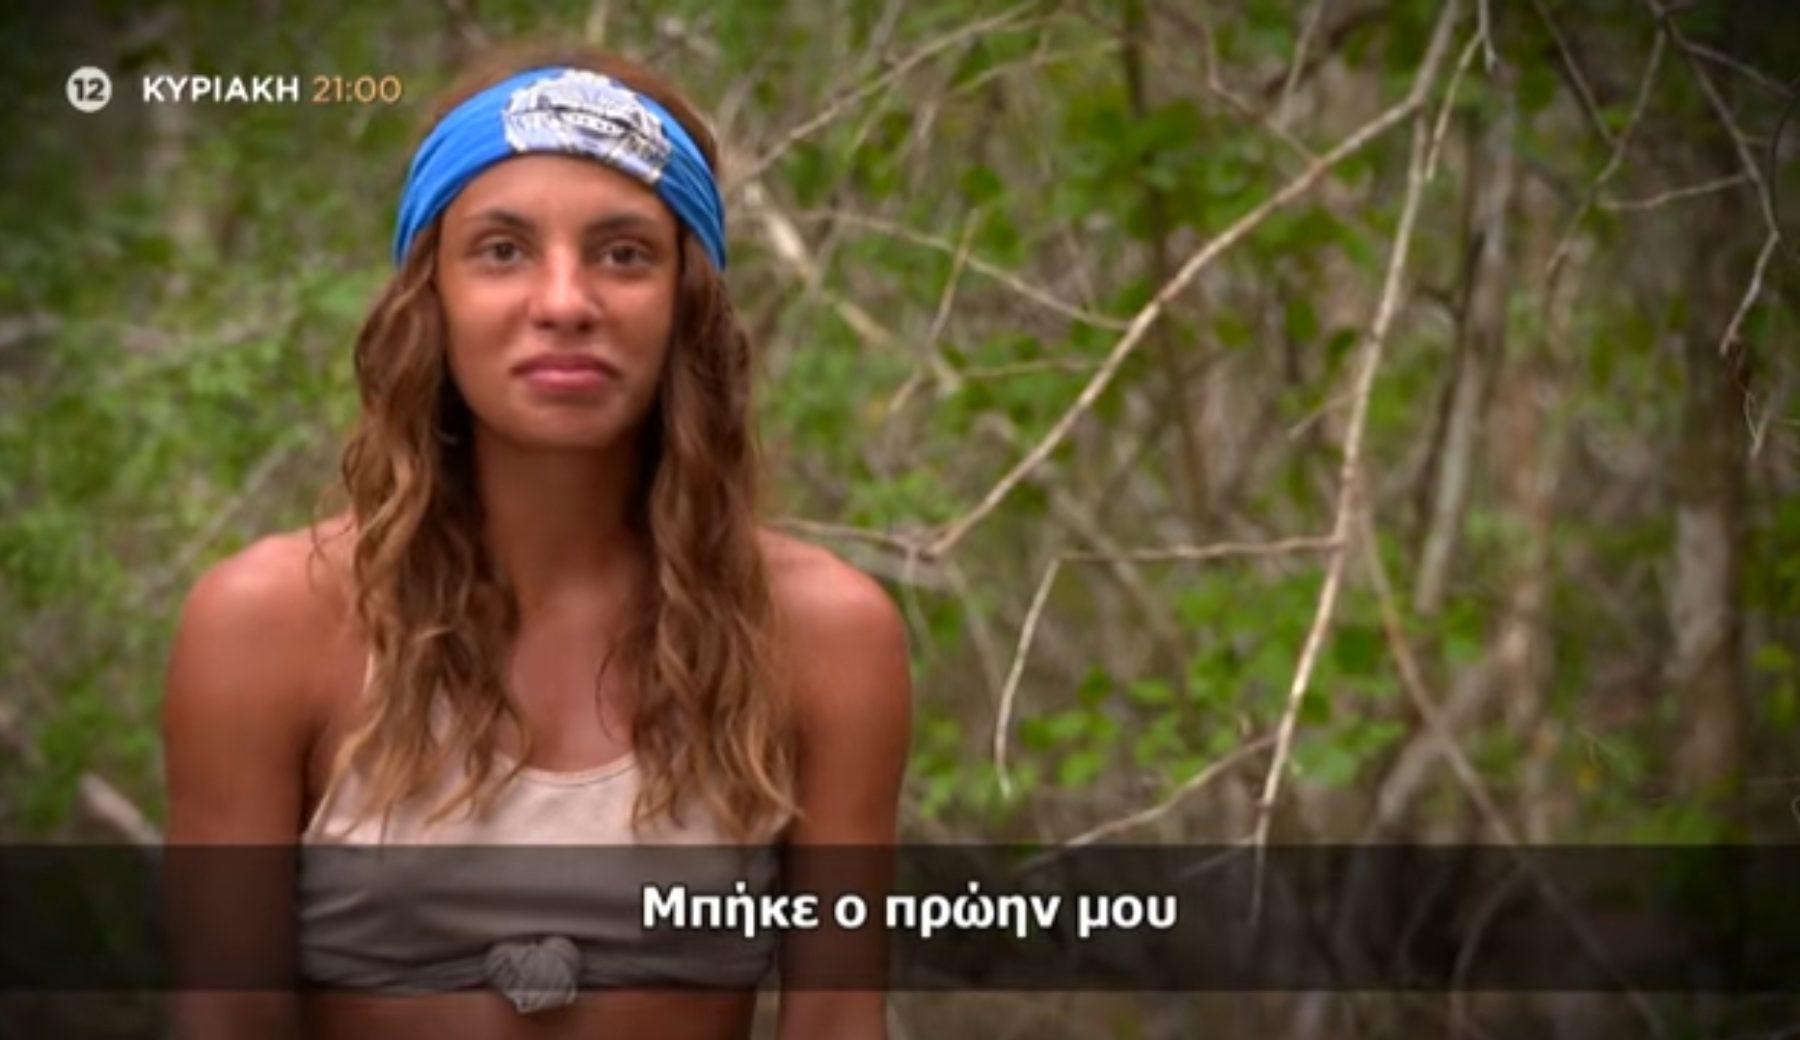 Survivor: Το απίστευτο σοκ της Μαριαλένας όταν αντικρίζει τον πρώην σύντροφο της! Τα πρώτα πλάνα από την απρόσμενη συνάντηση